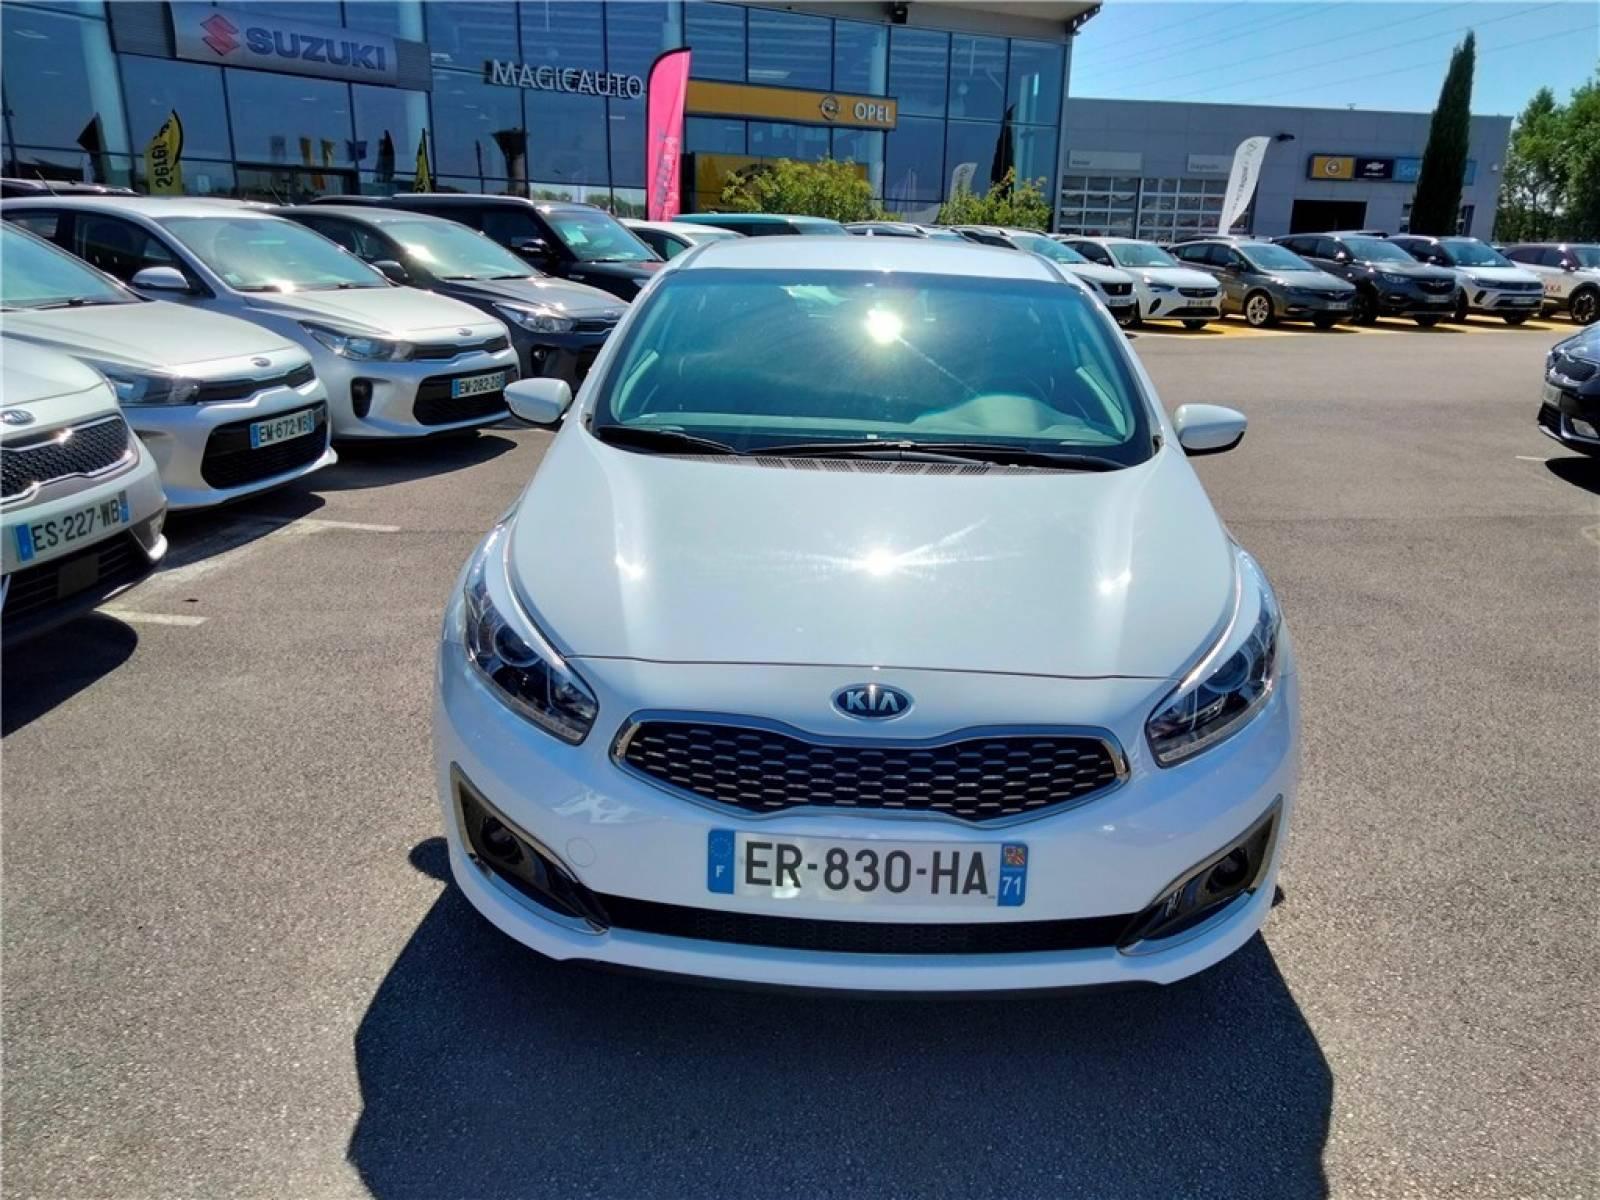 KIA Pro_Cee'd Coupé 1.0 T-GDI 120 ch ISG - véhicule d'occasion - Groupe Guillet - Hall de l'automobile - Chalon sur Saône - 71380 - Saint-Marcel - 38